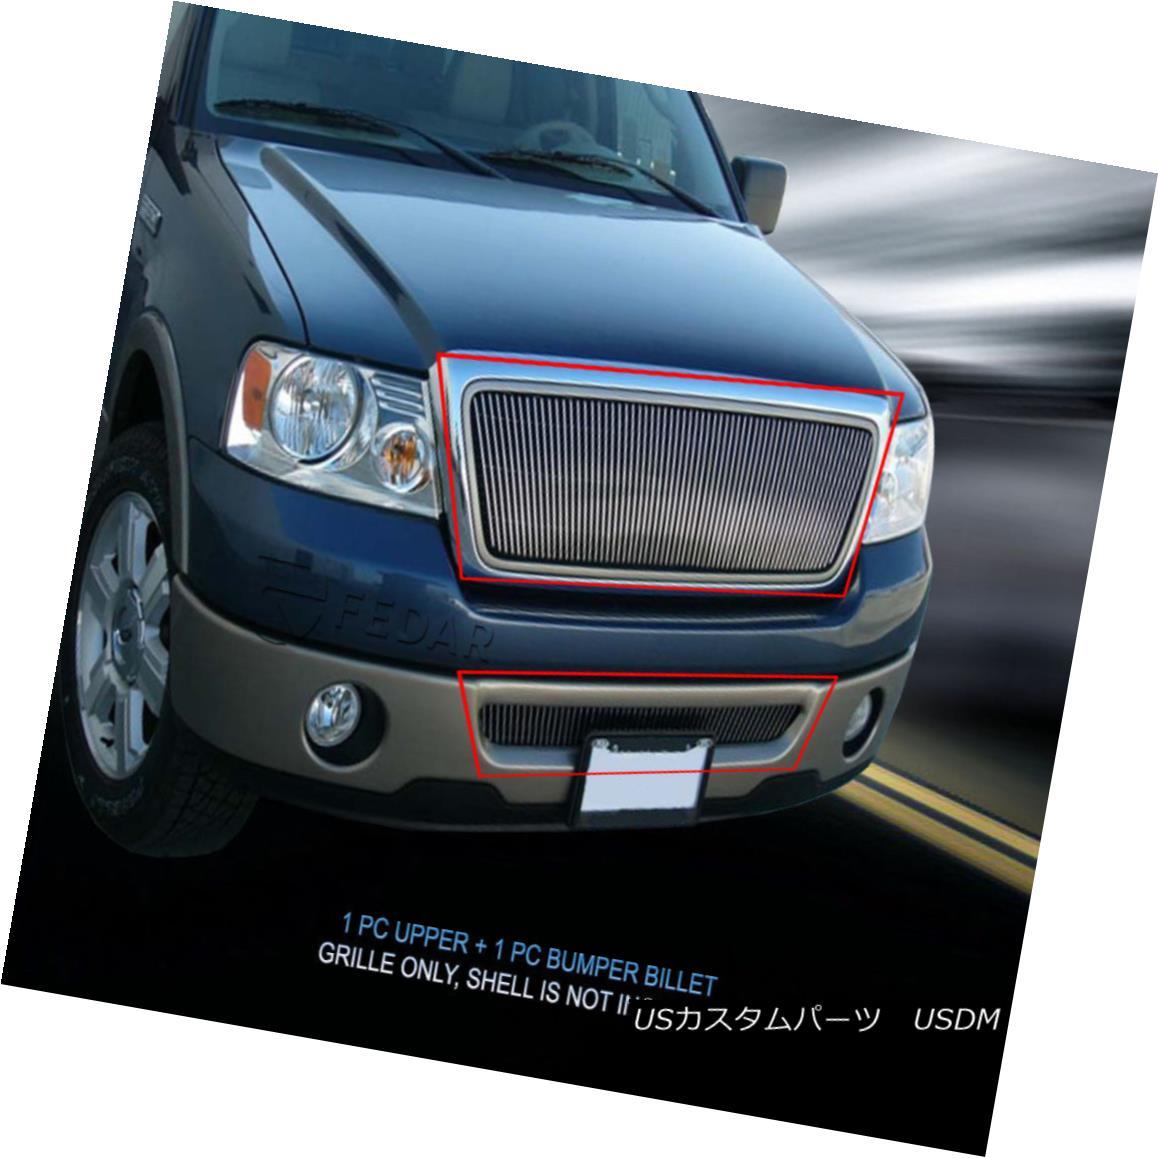 グリル Fedar Fits 2006-2008 Ford F-150 (Vertical) Polished Billet Grille Combo Fedarは2006-2008 Ford F-150(垂直)を研磨しました。研磨されたBillet Grille Combo